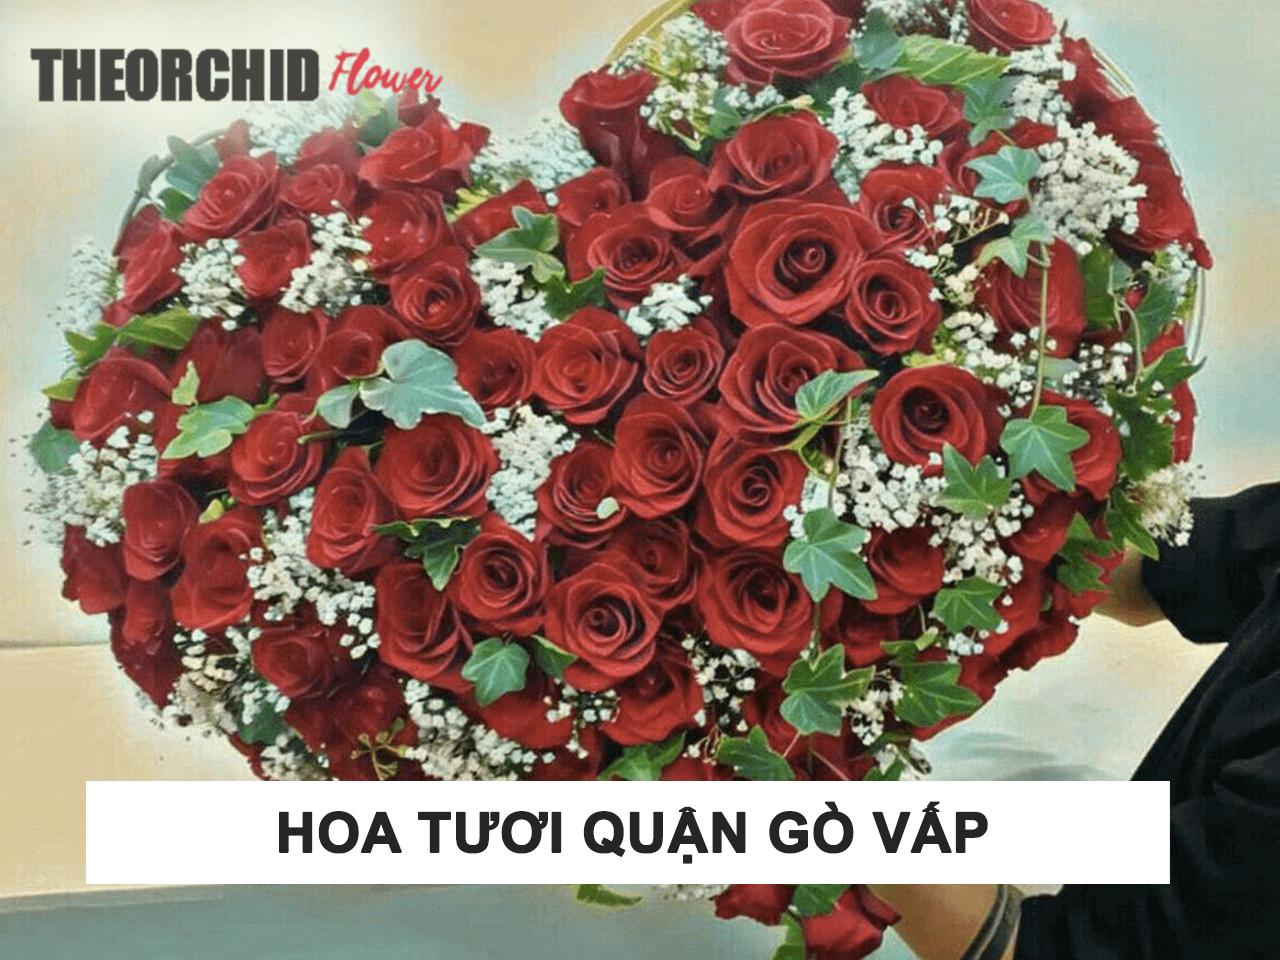 Tiệm cửa hàng đặt hoa tươi Gò Vấp TheOrchid Flower